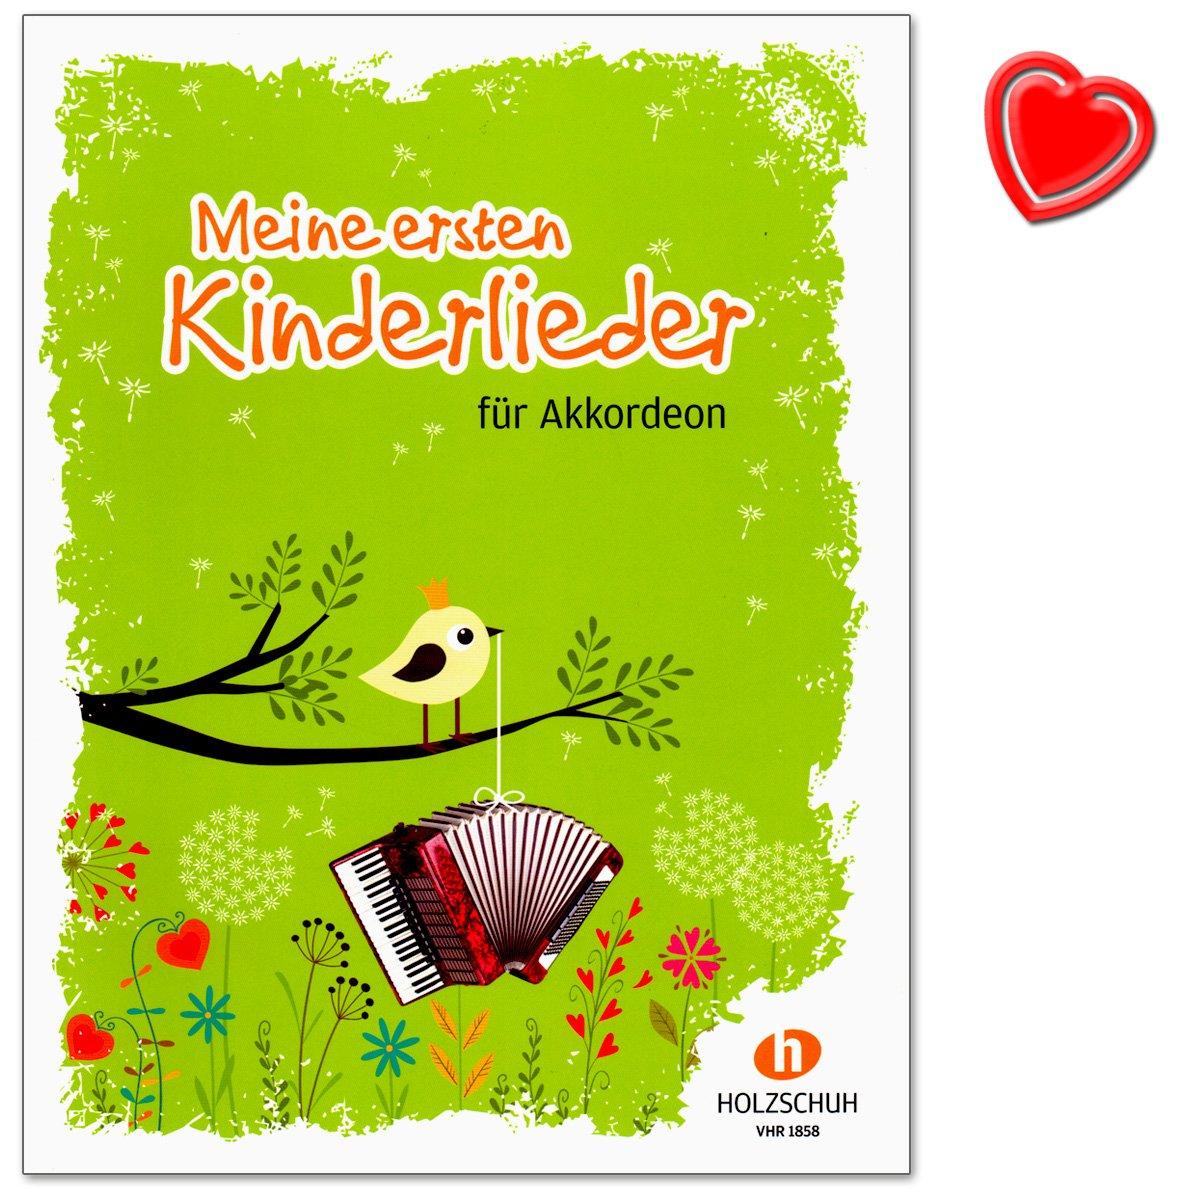 Mes premiers enfants chansons–27enfants chansons pour les cours début à la Accordéon–Note livre avec cœur Note colorée Pince VHR Alfons Holzschuh